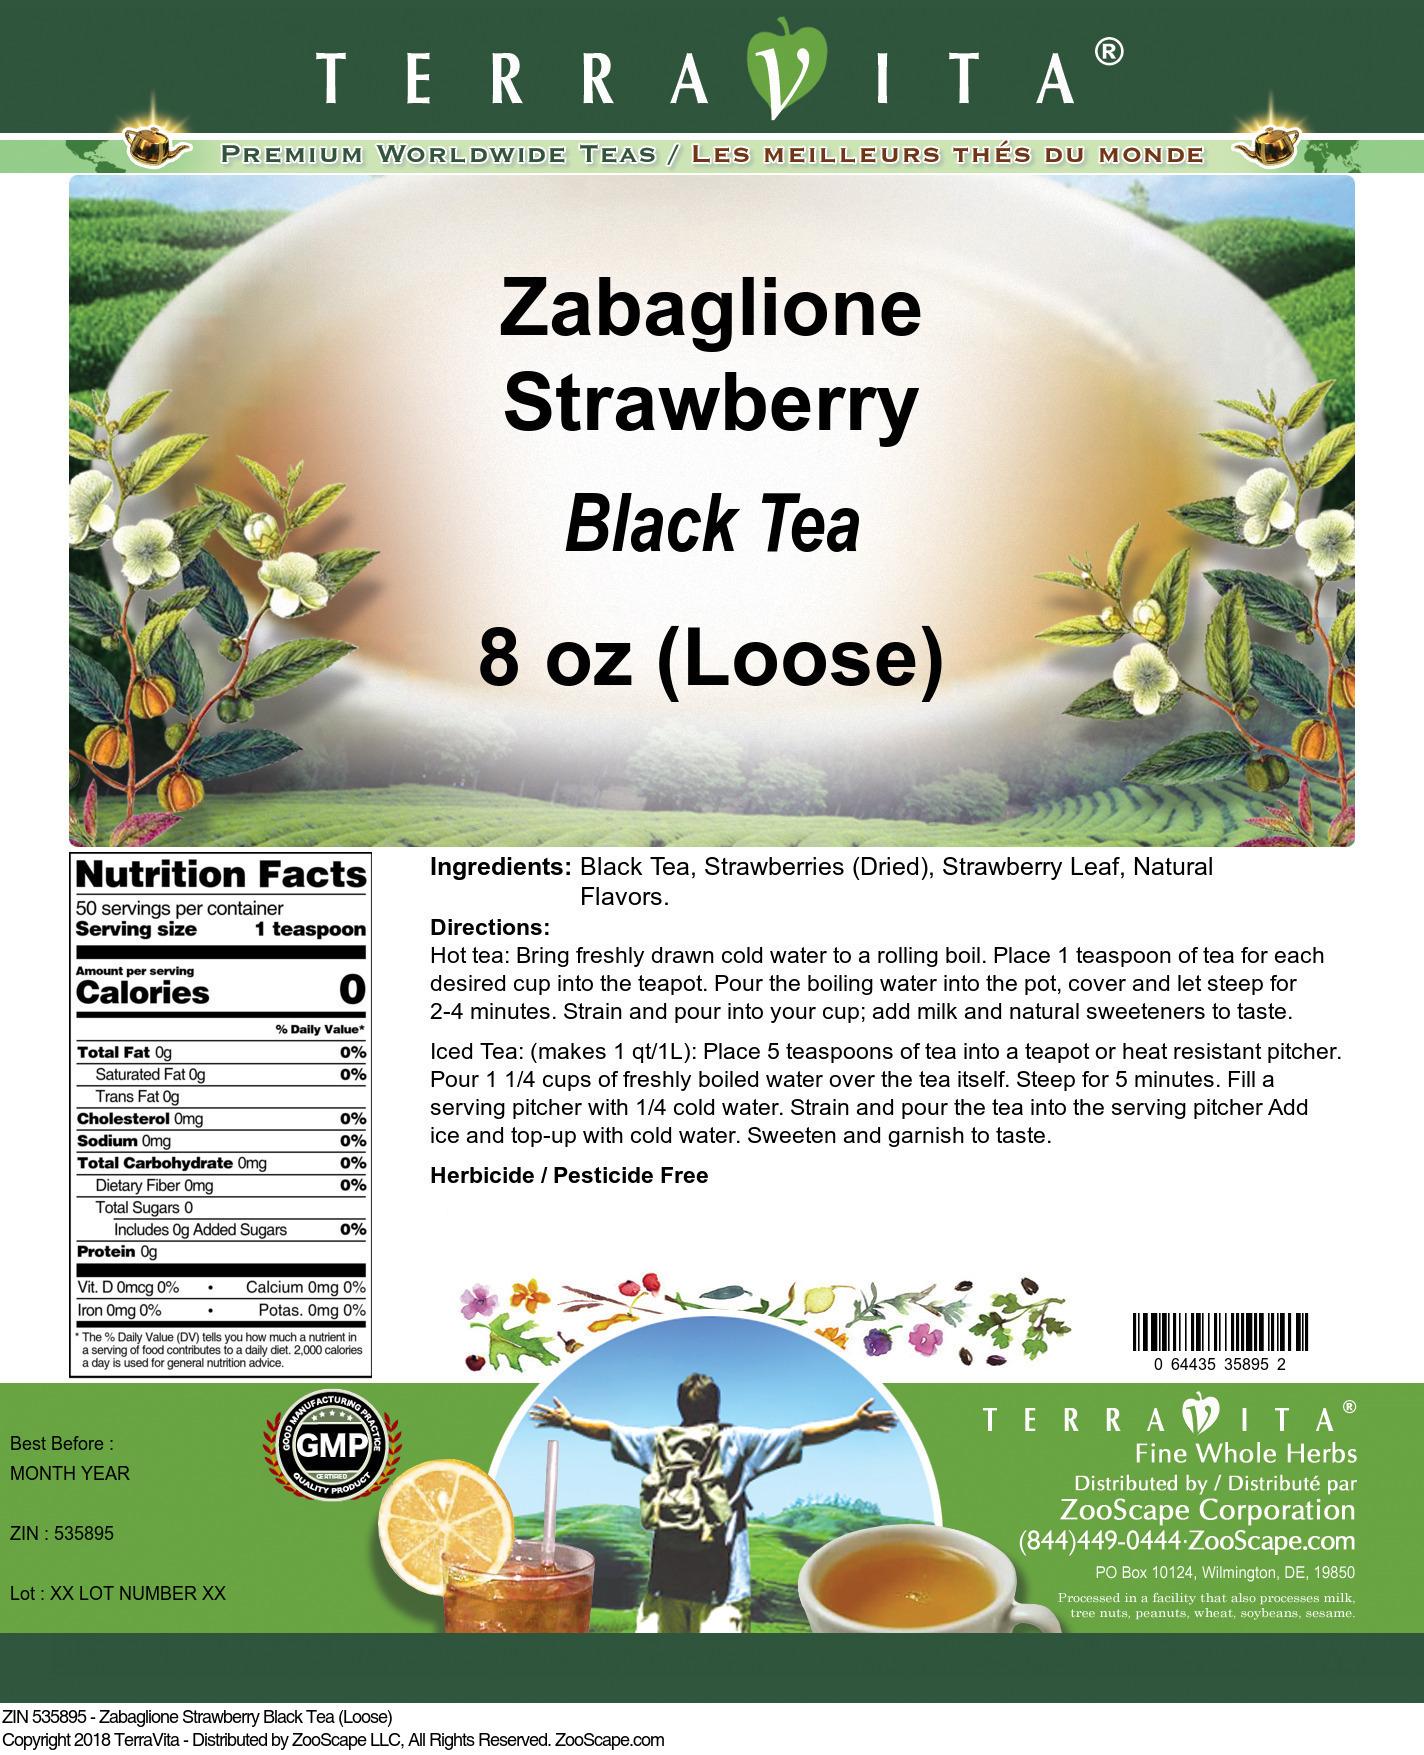 Zabaglione Strawberry Black Tea (Loose)